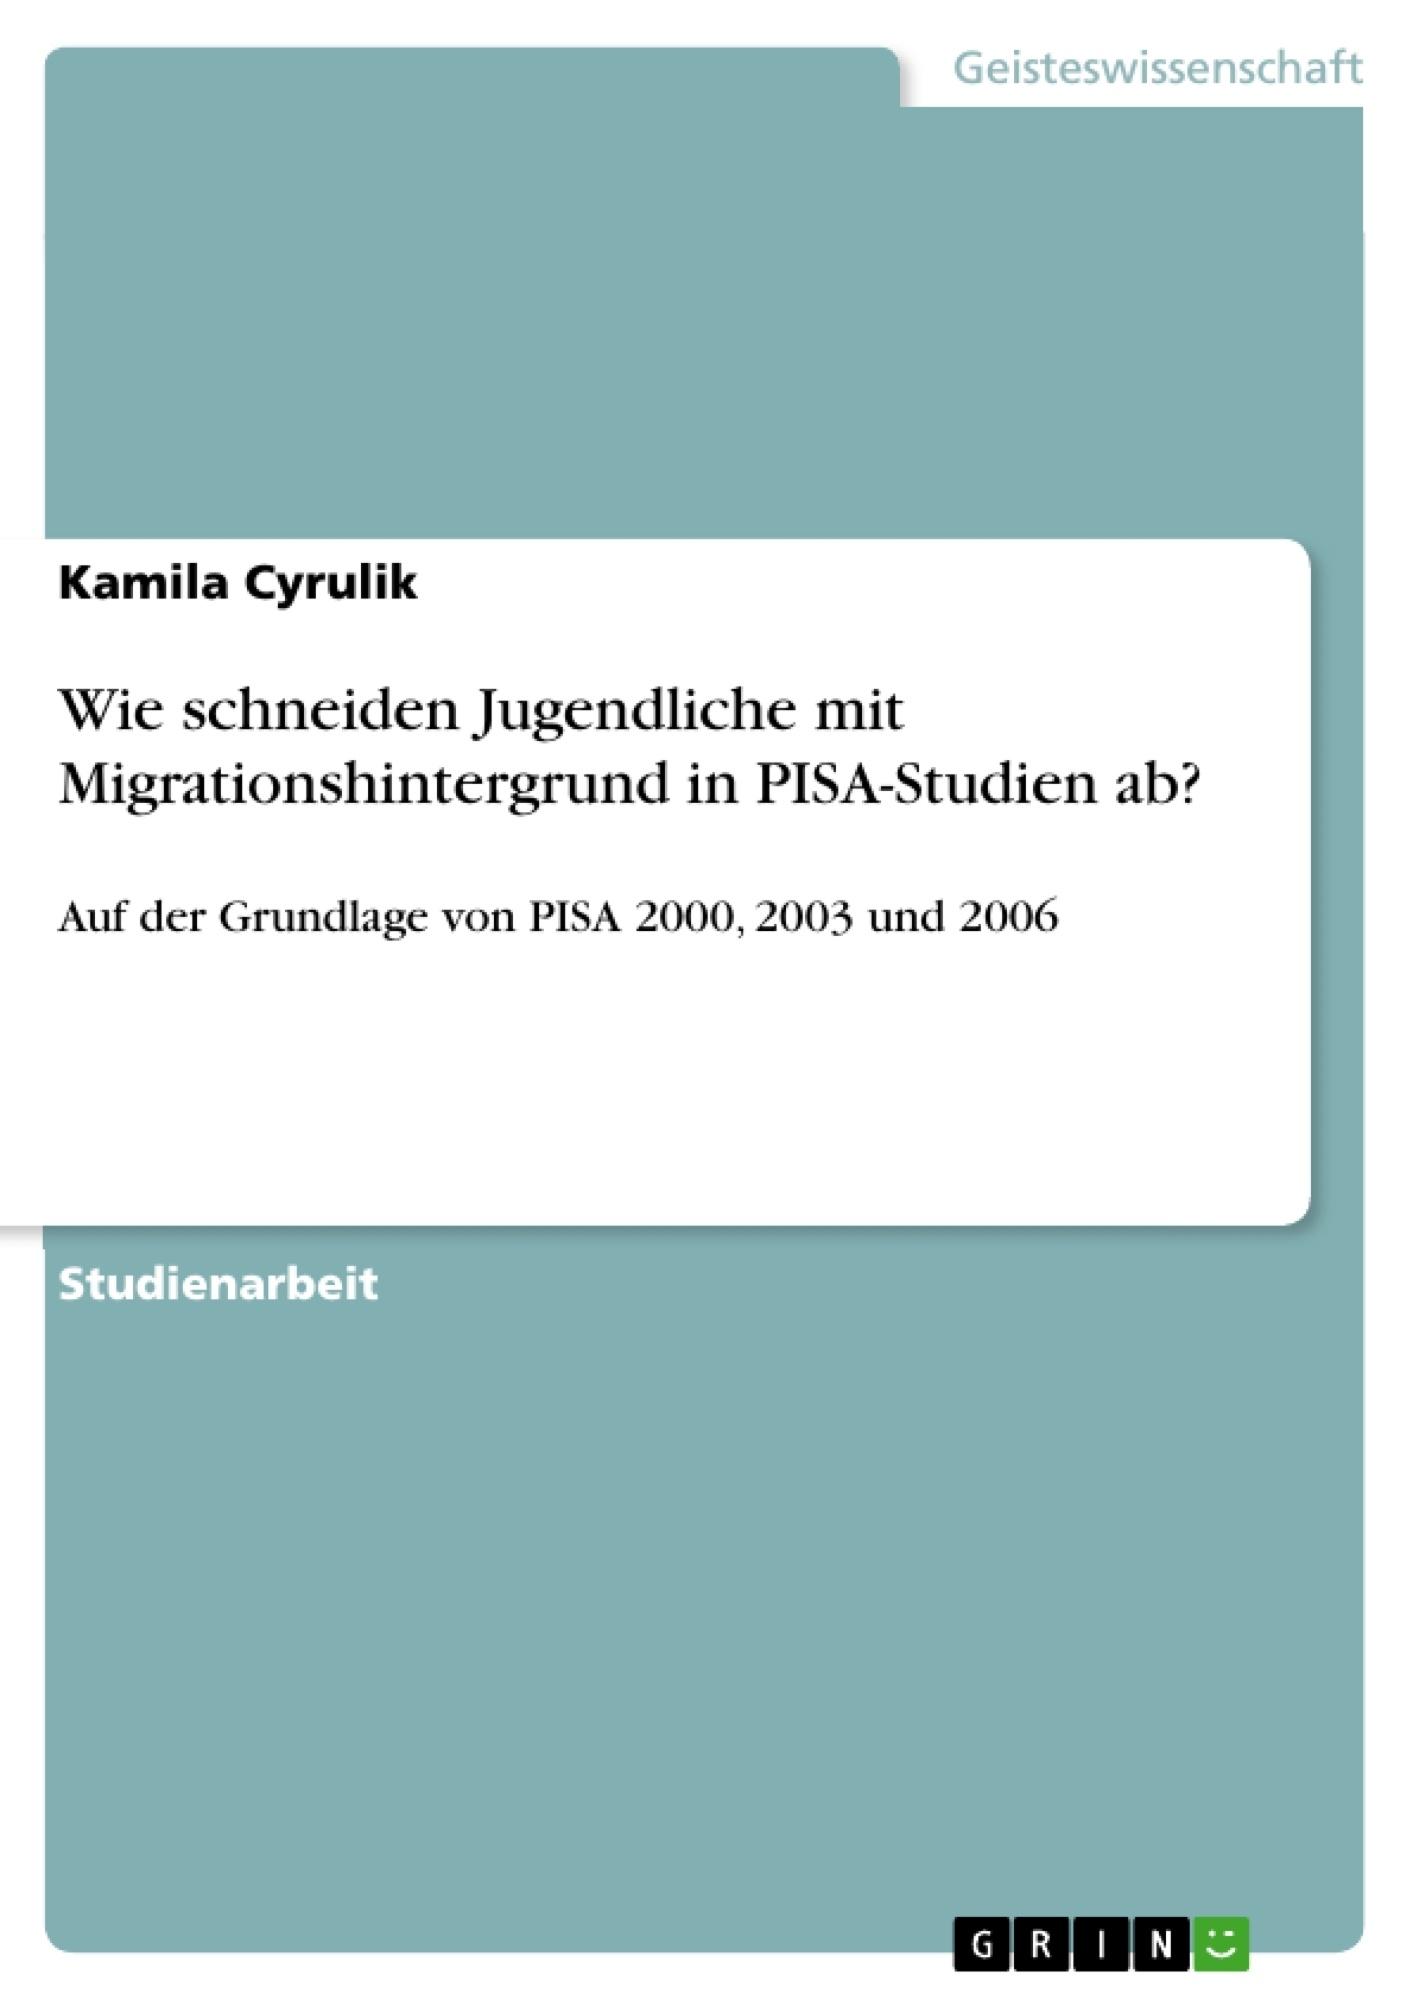 Titel: Wie schneiden Jugendliche mit Migrationshintergrund in PISA-Studien ab?